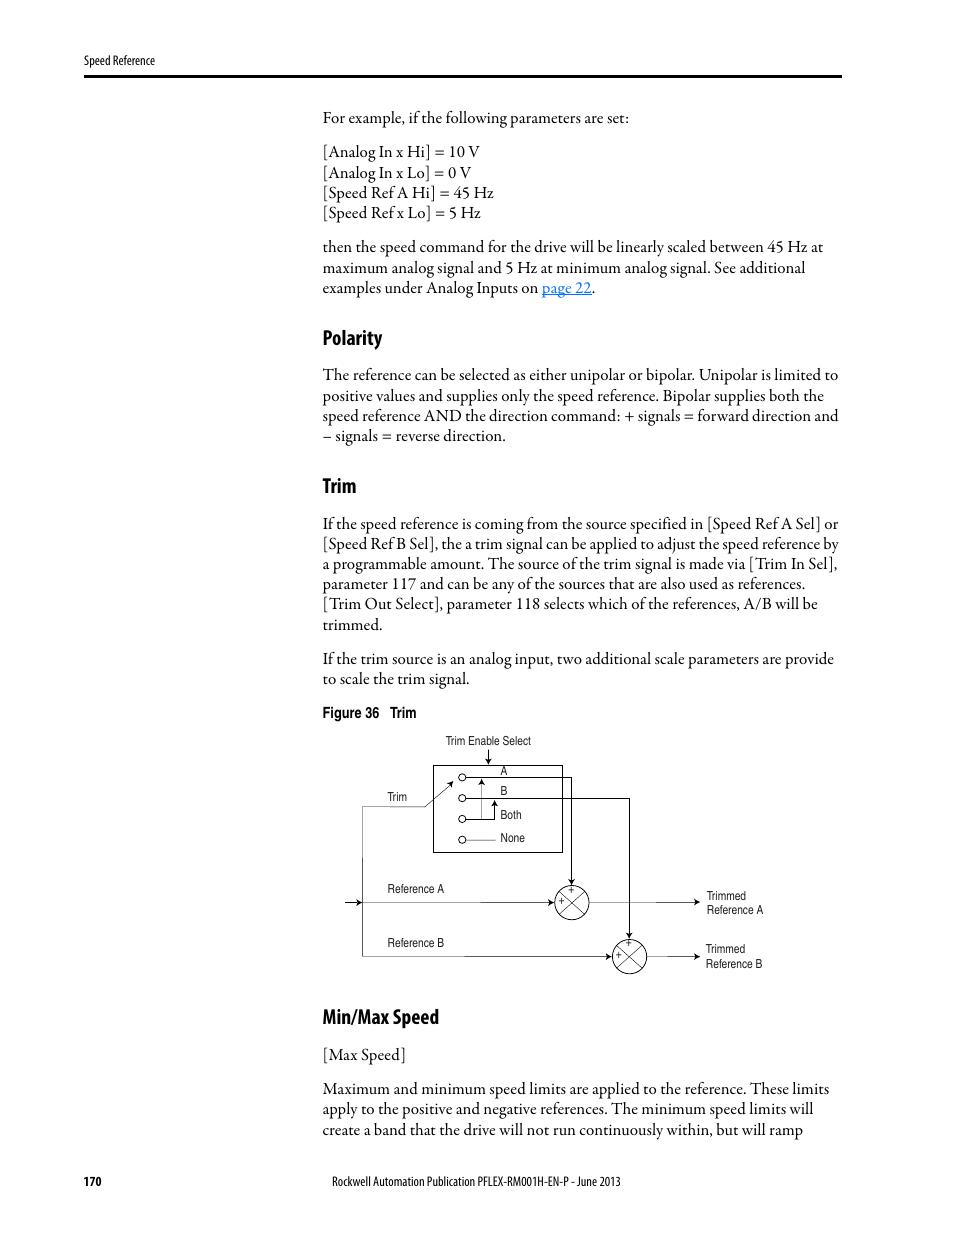 Ab Powerflex 70 Wiring Diagram Electrical Diagrams Allen Bradley Vfd Reference Manual Various Owner Guide U2022 Motor